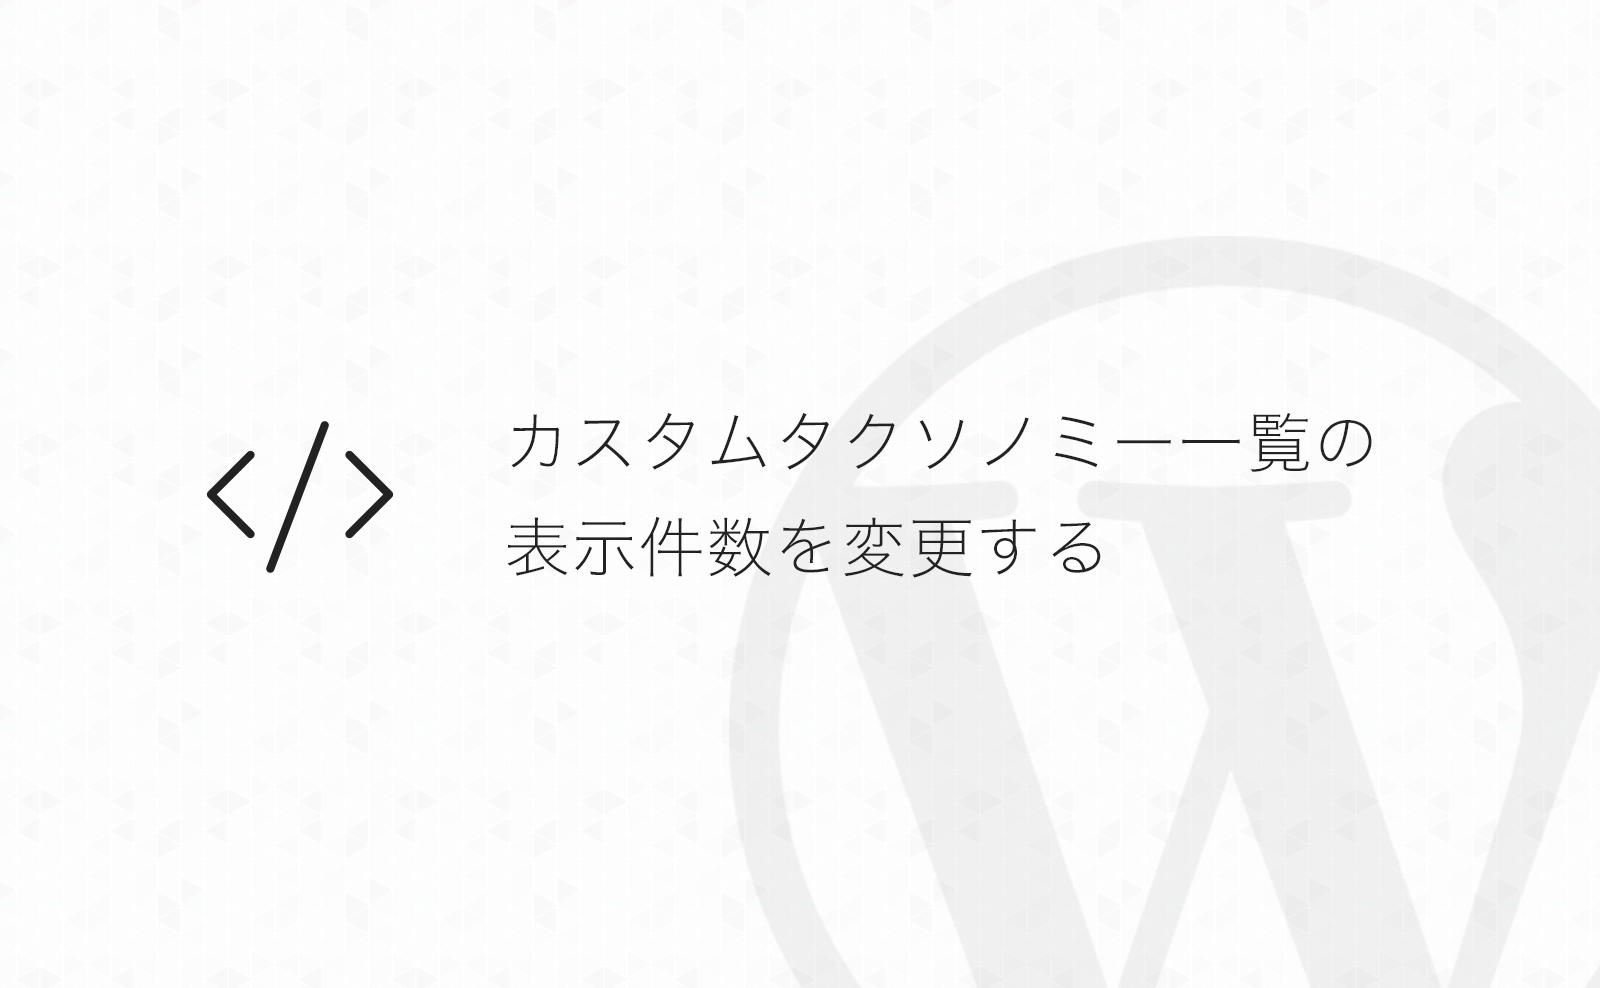 【WordPress】カスタムタクソノミーのターム一覧だけ一覧表示件数を変更する方法